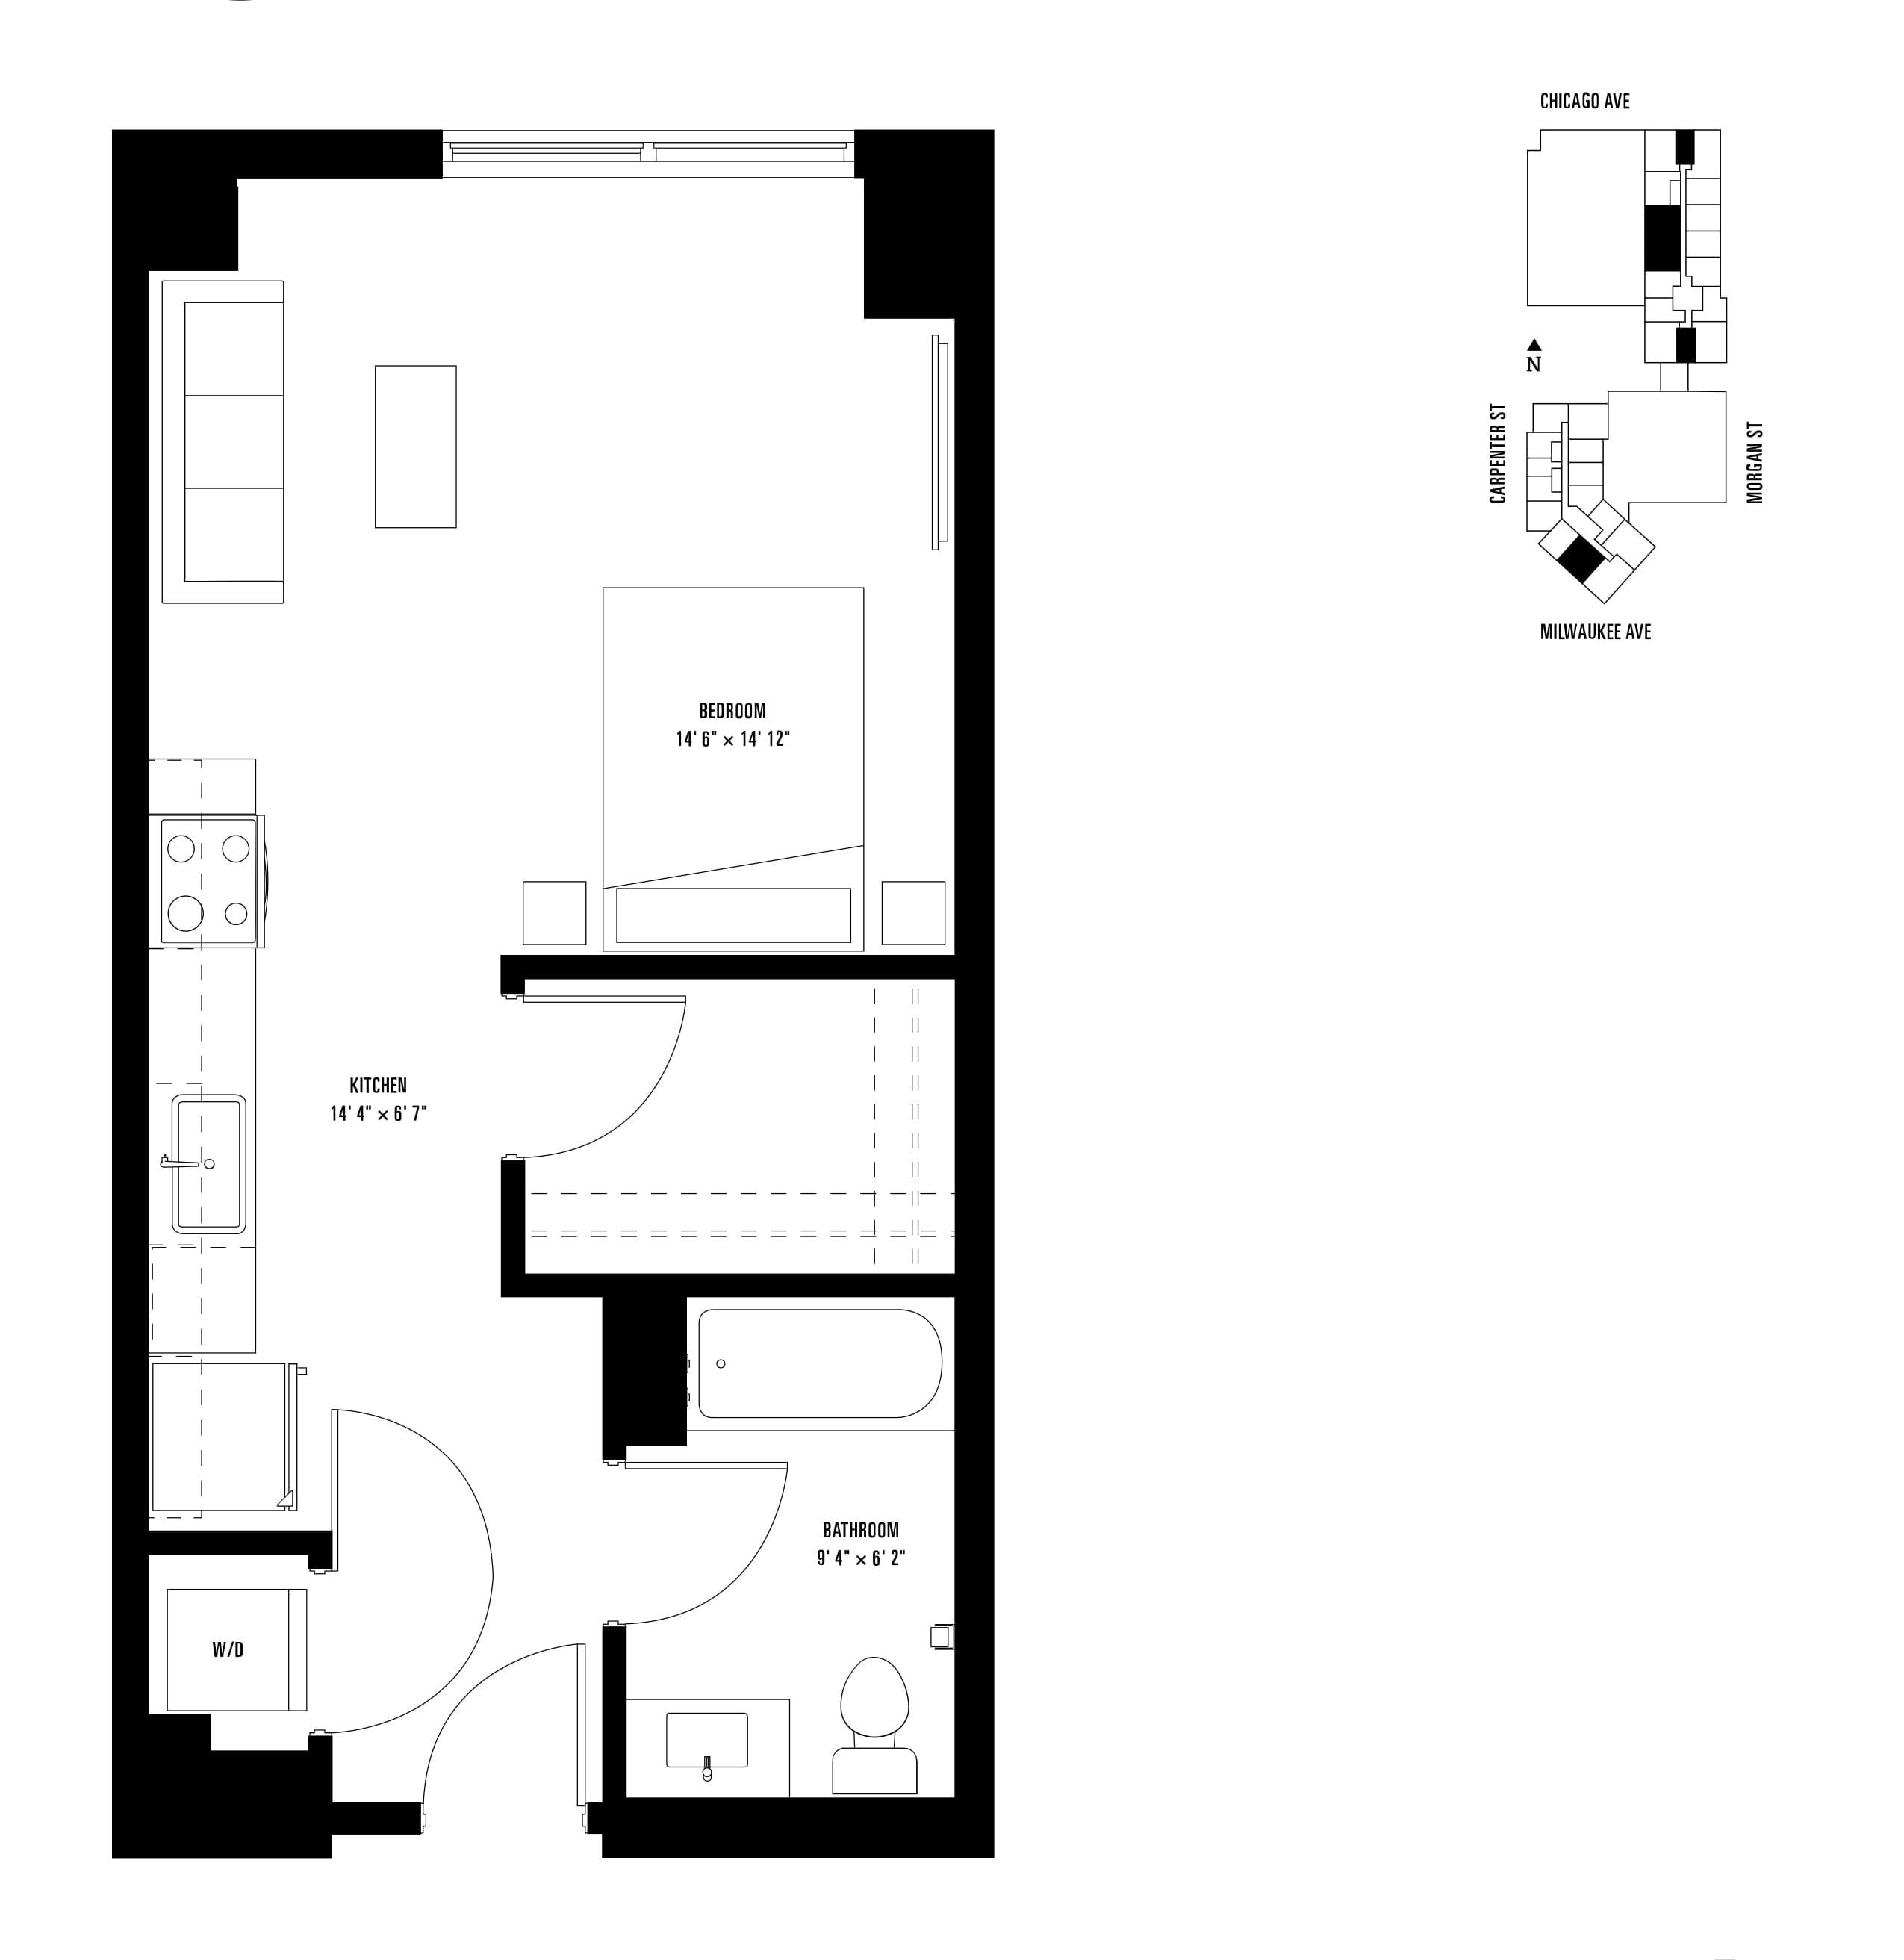 View Spoke Apartment Floor Plans Studios 1 2 3 Bedrooms Bozzuto,Teak Wood Main Door Simple Design